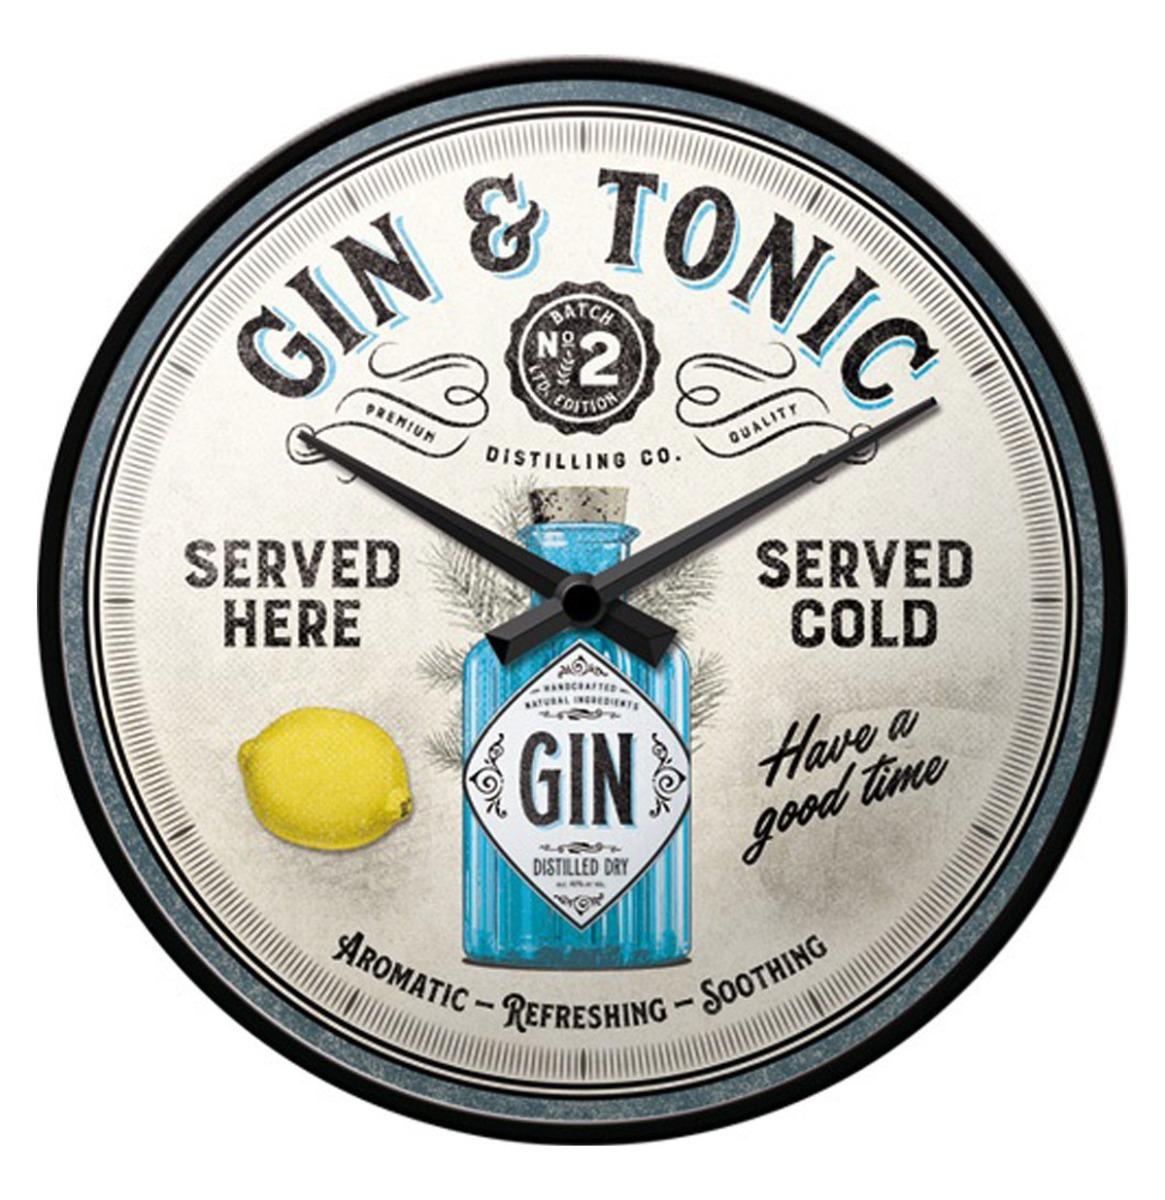 Wandklok Gin & Tonic Served Here